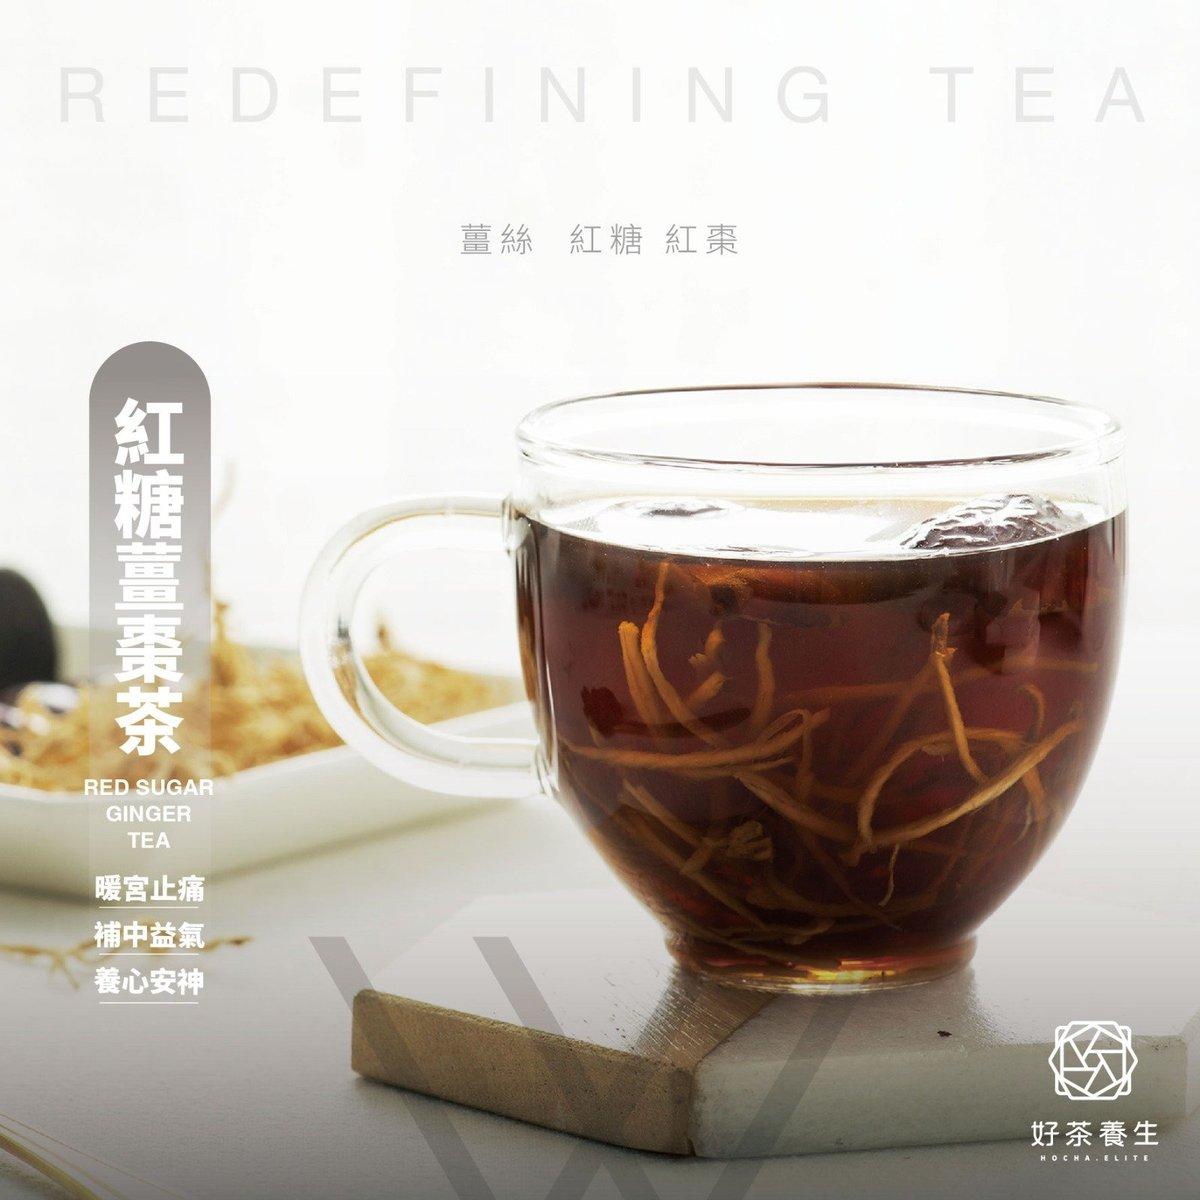 紅糖薑棗茶 - 驅寒補血-花茶養生茶